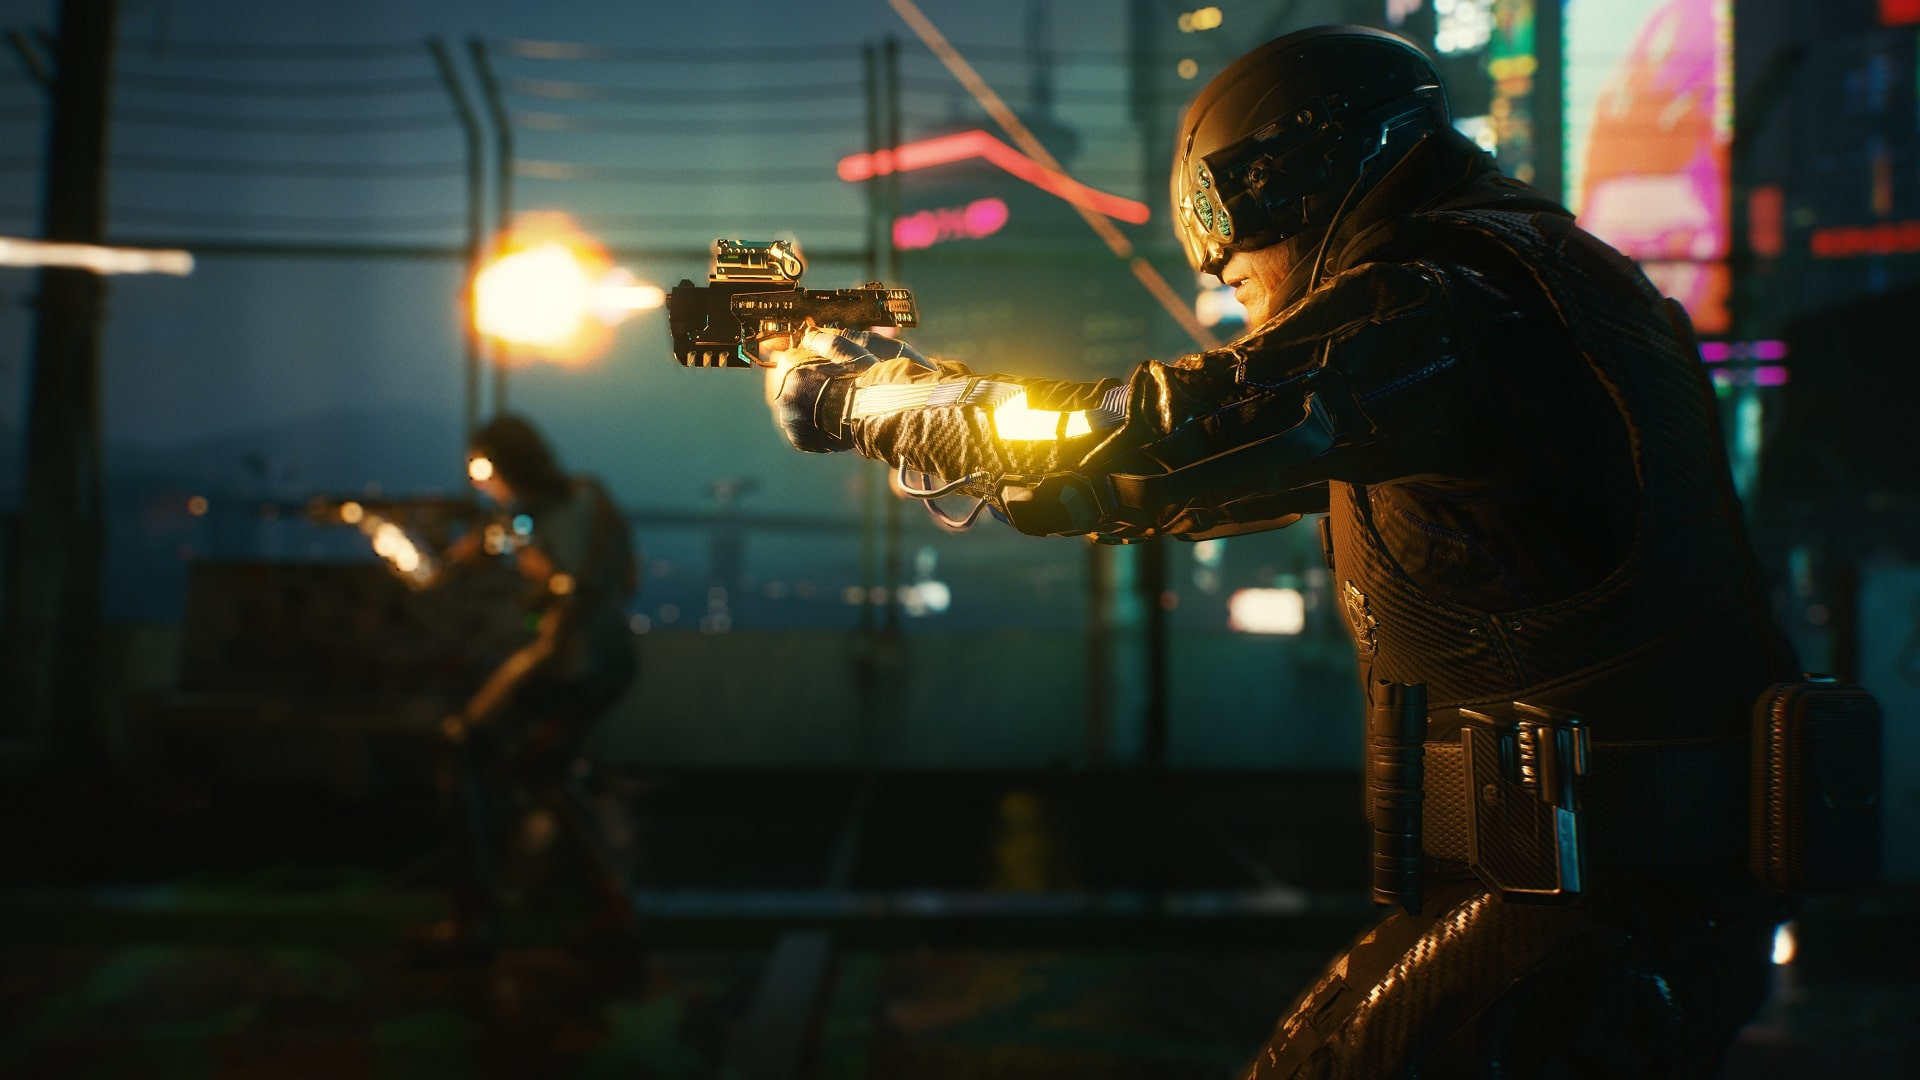 Cyberpunk 2077 main quest